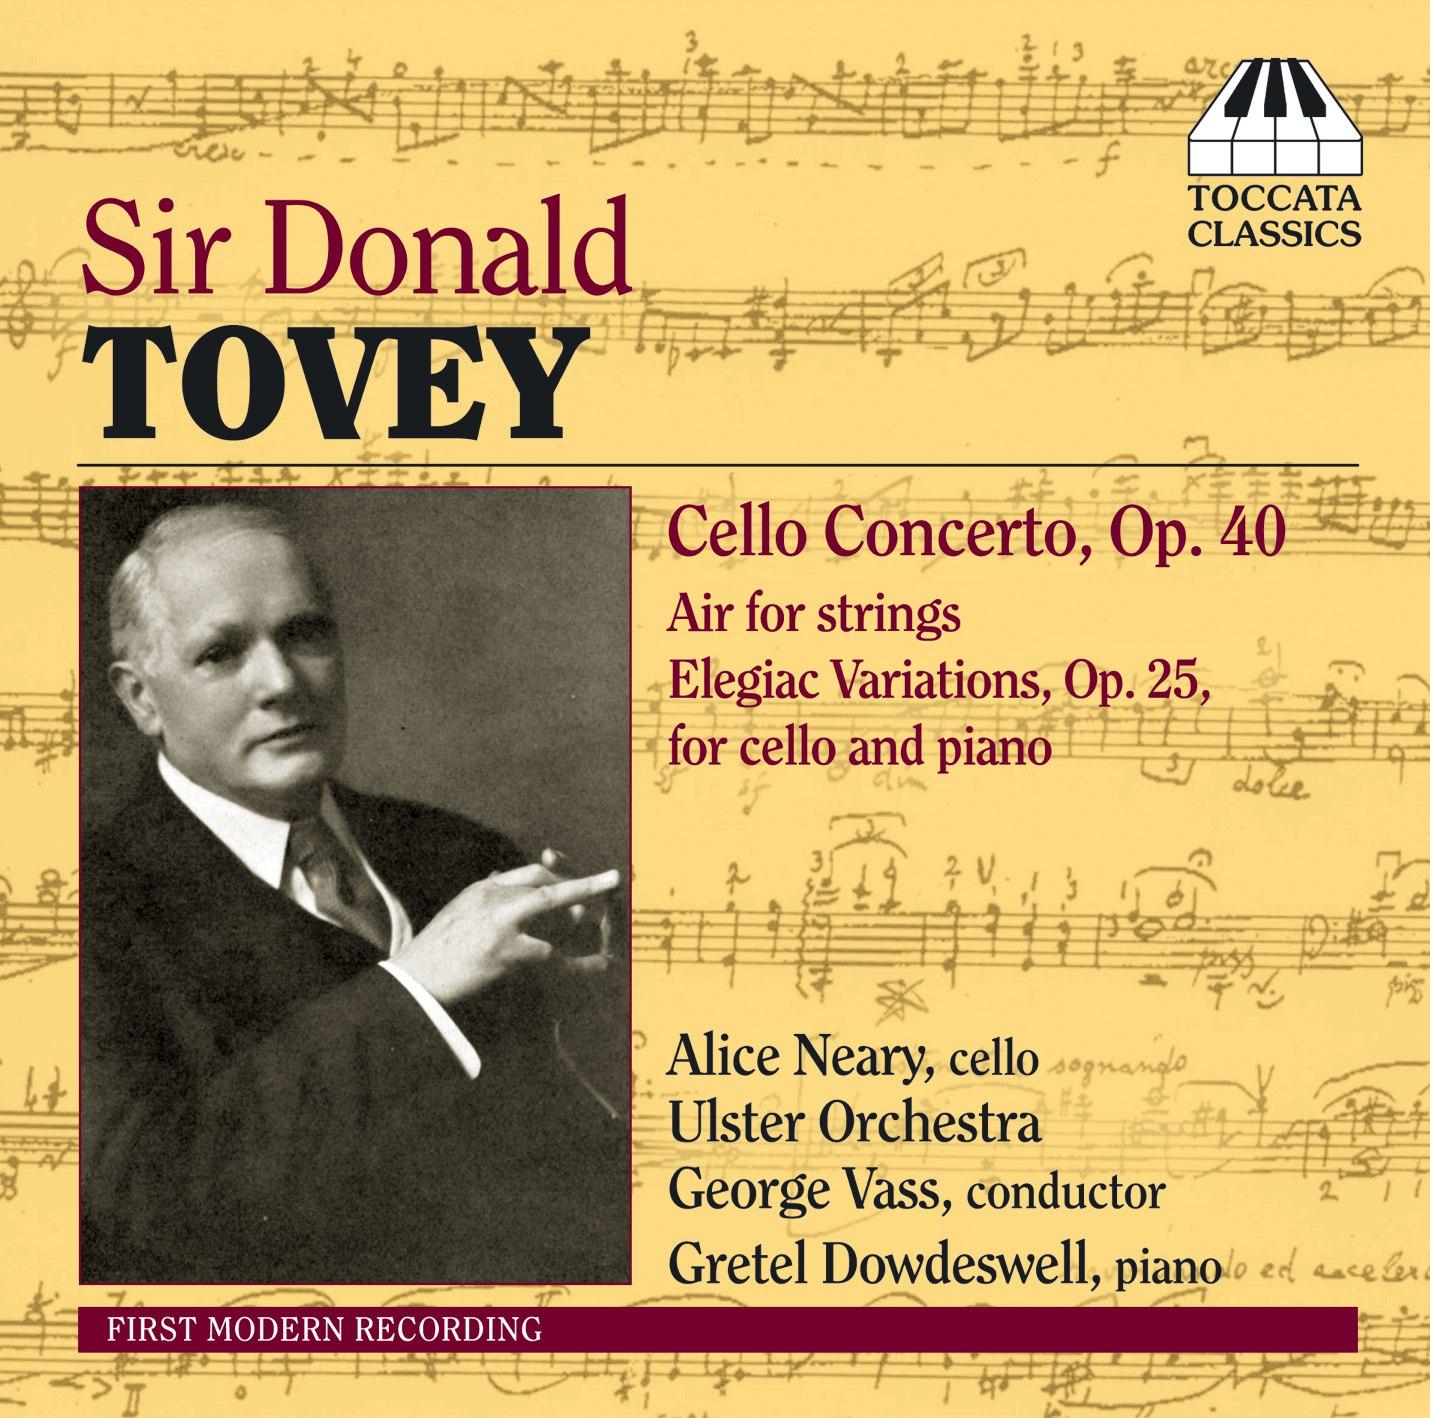 Sir Donald Tovey: Cello Concerto